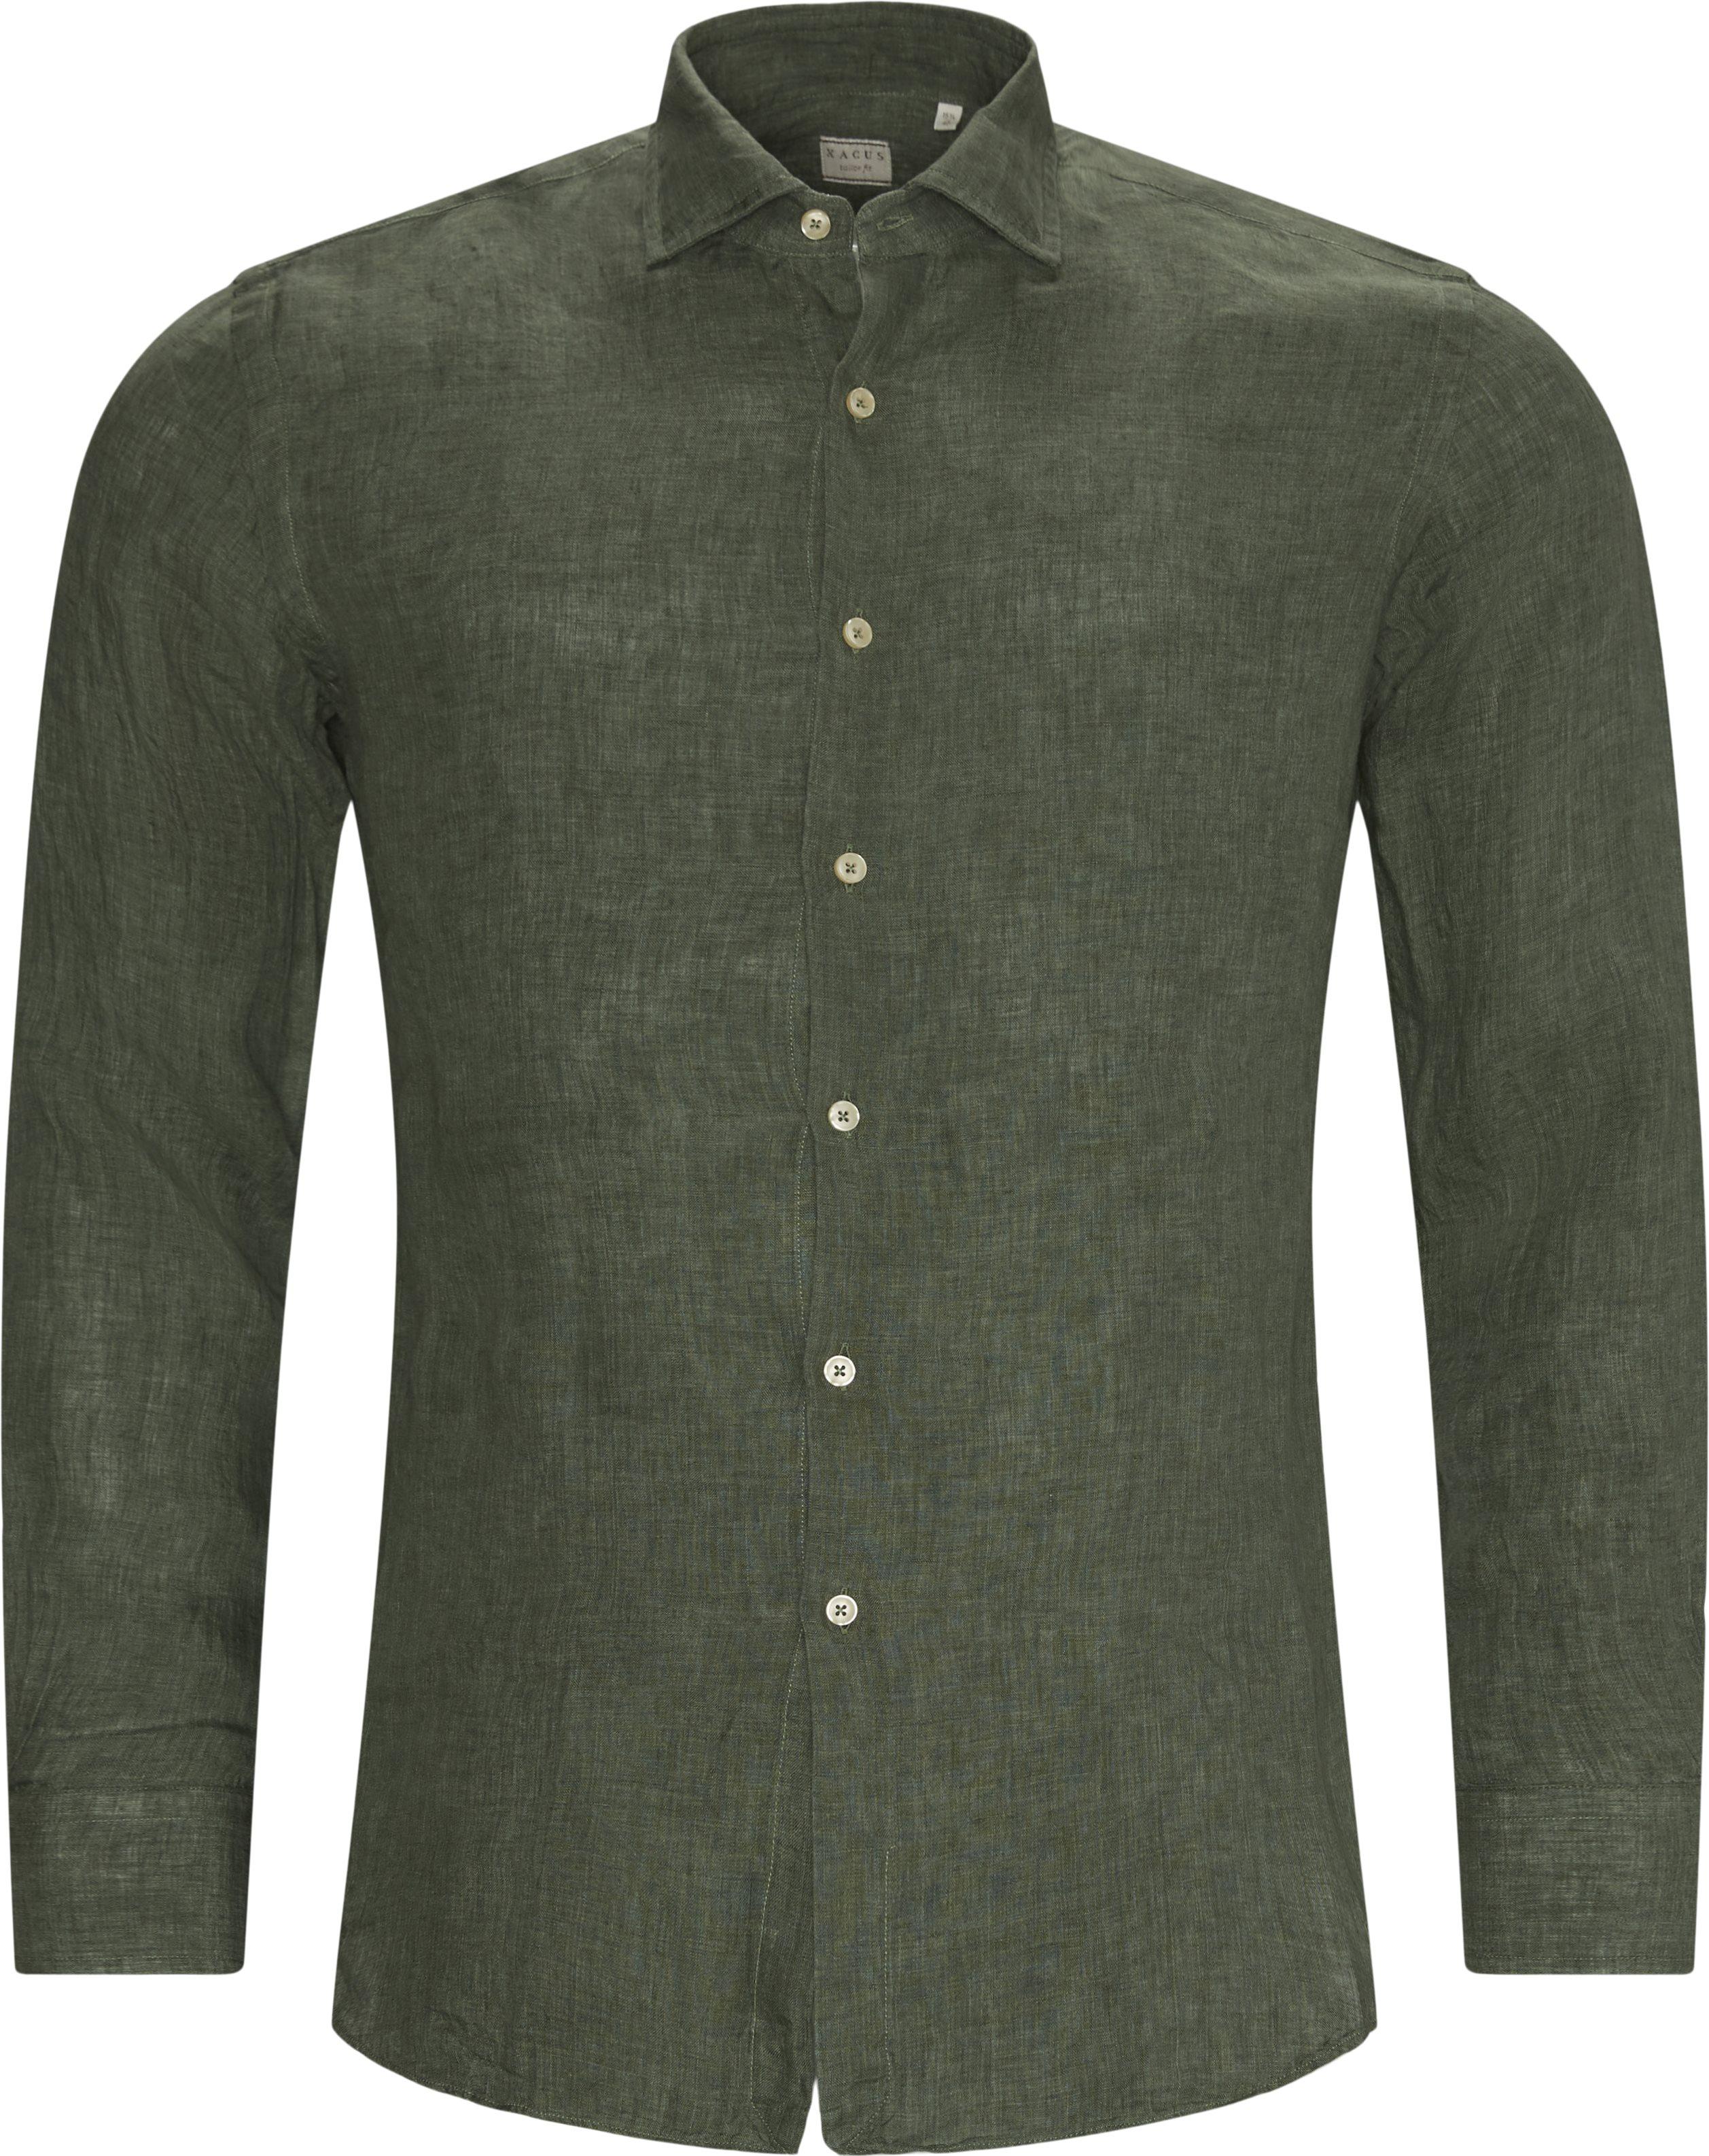 Hør Skjorte - Skjorter - Slim fit - Grøn